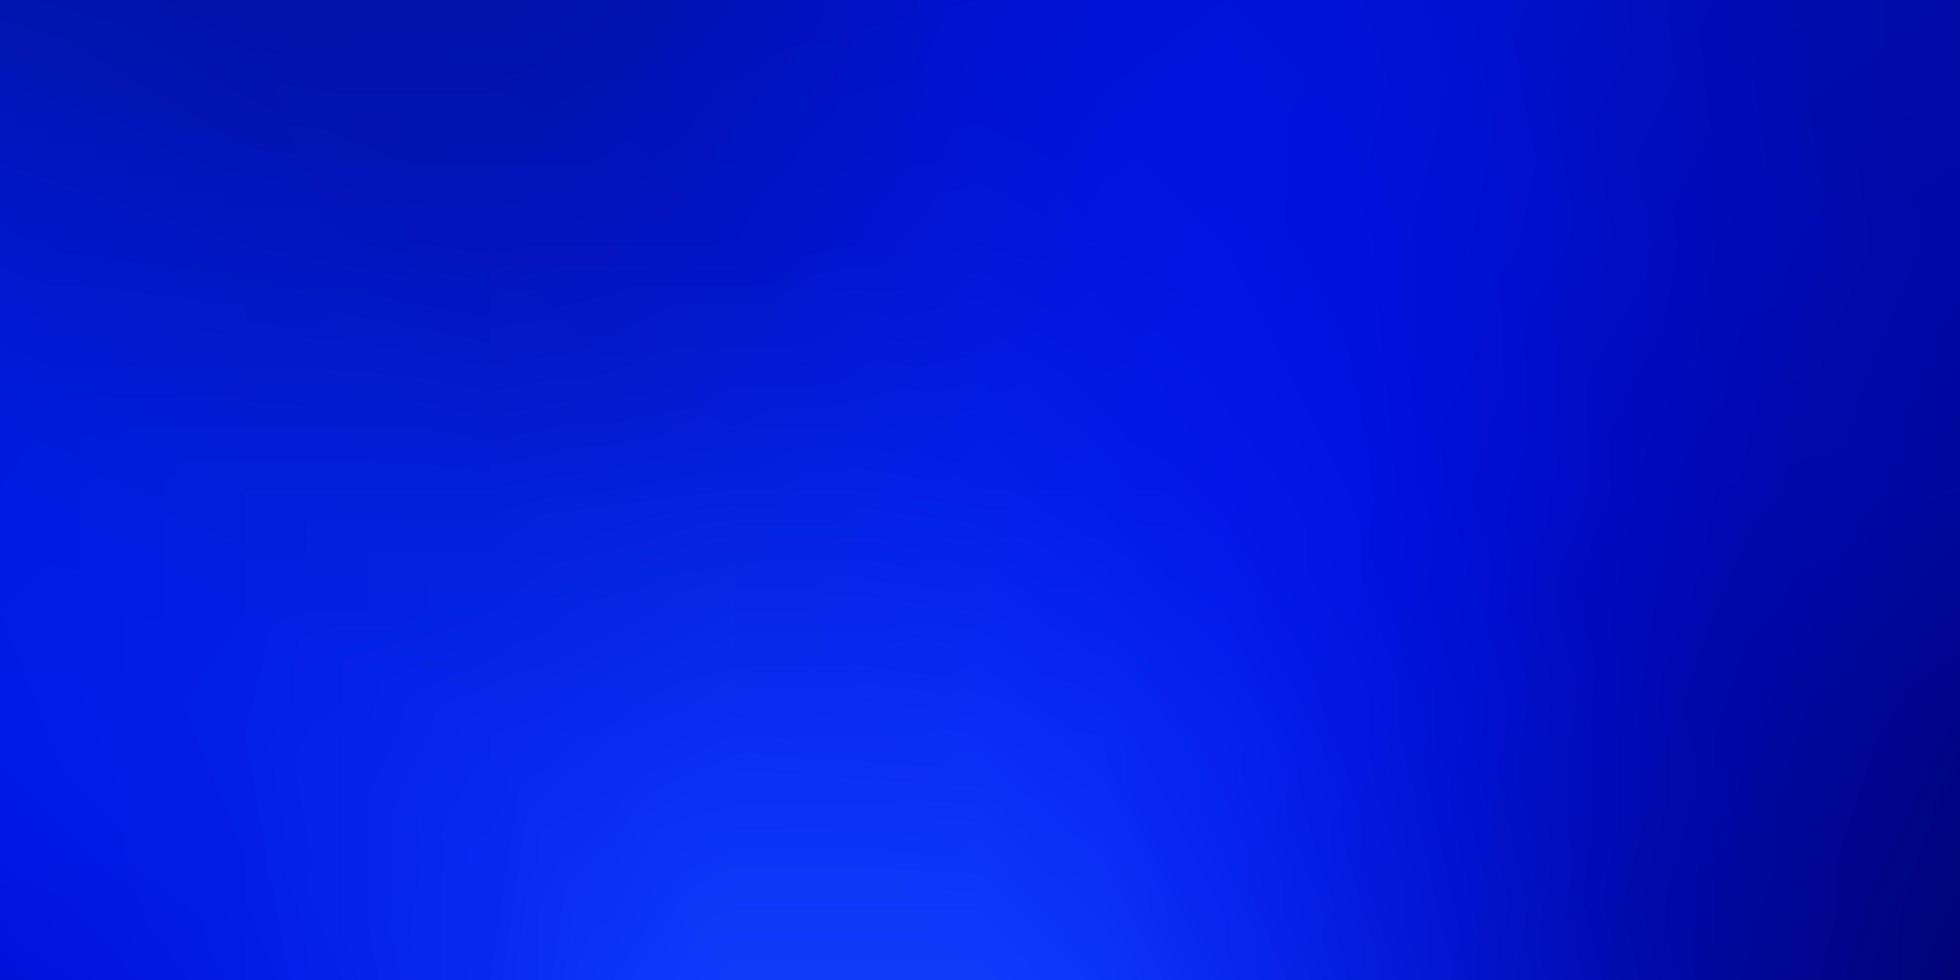 modèle flou intelligent vecteur bleu foncé.